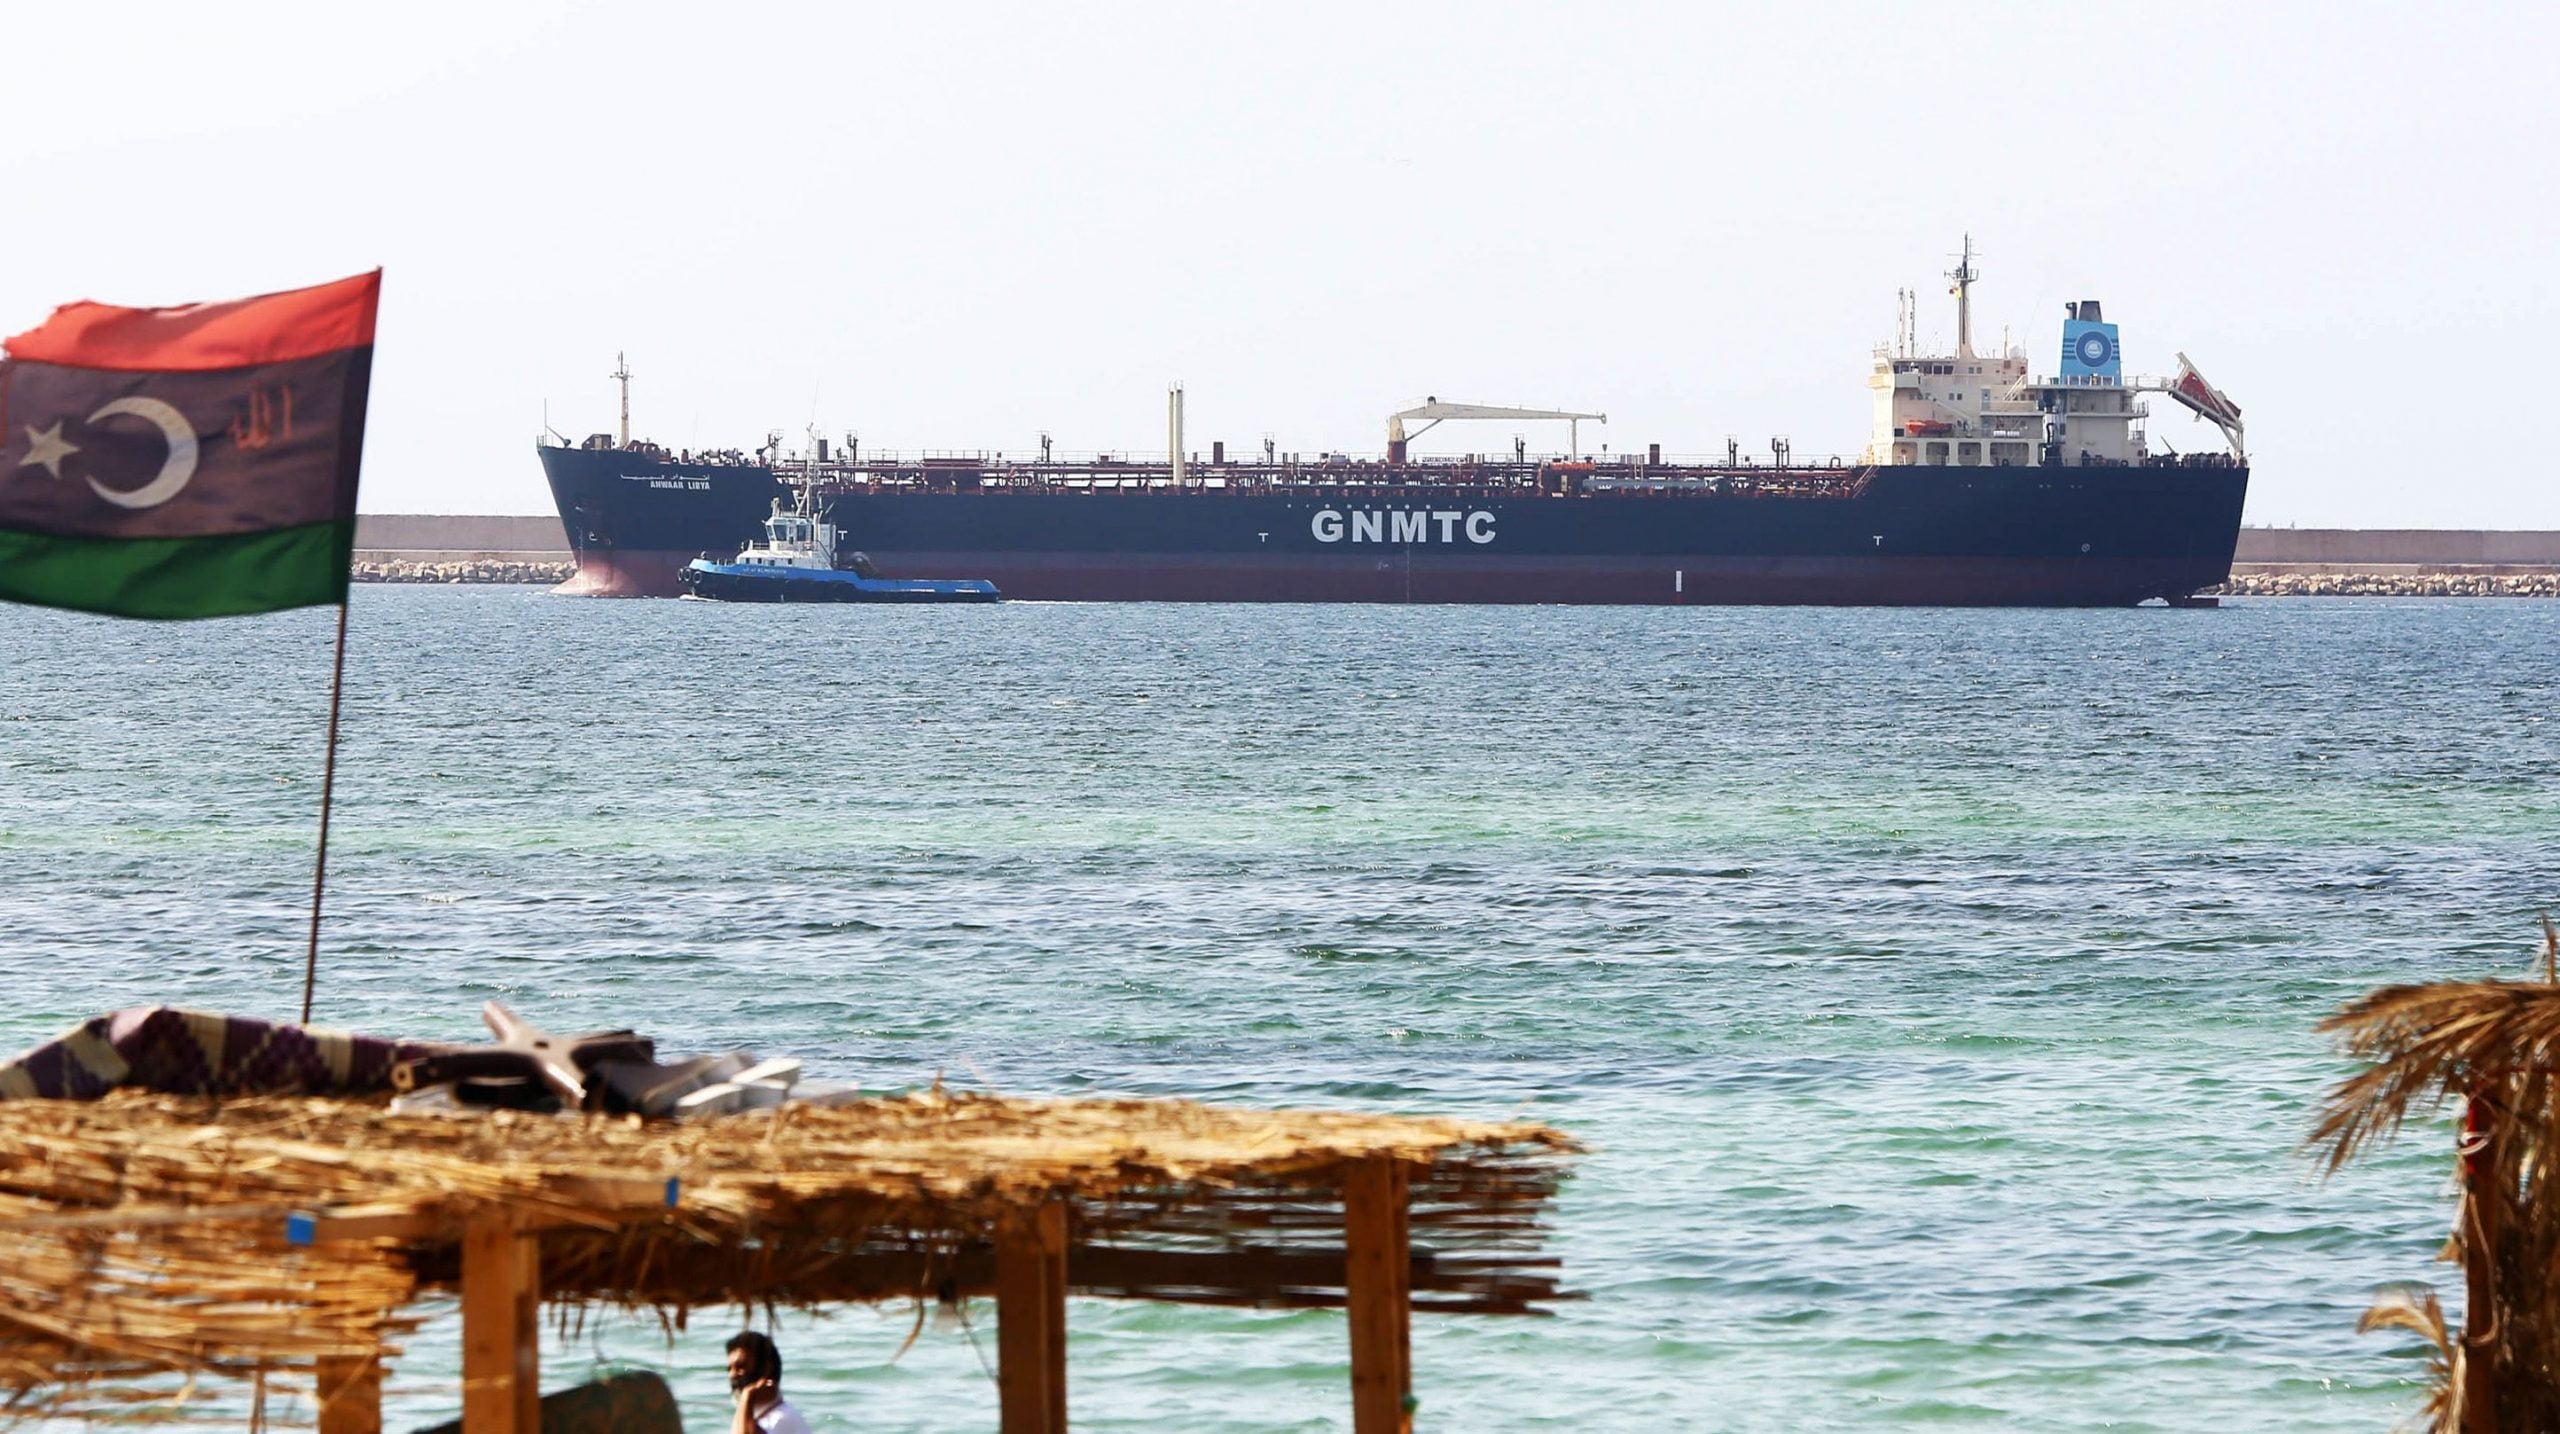 Λιβύη-ΗΠΑ: Η αμερικανική πρεσβεία ζήτησε «άμεση» επανάληψη των πετρελαϊκών δραστηριοτήτων